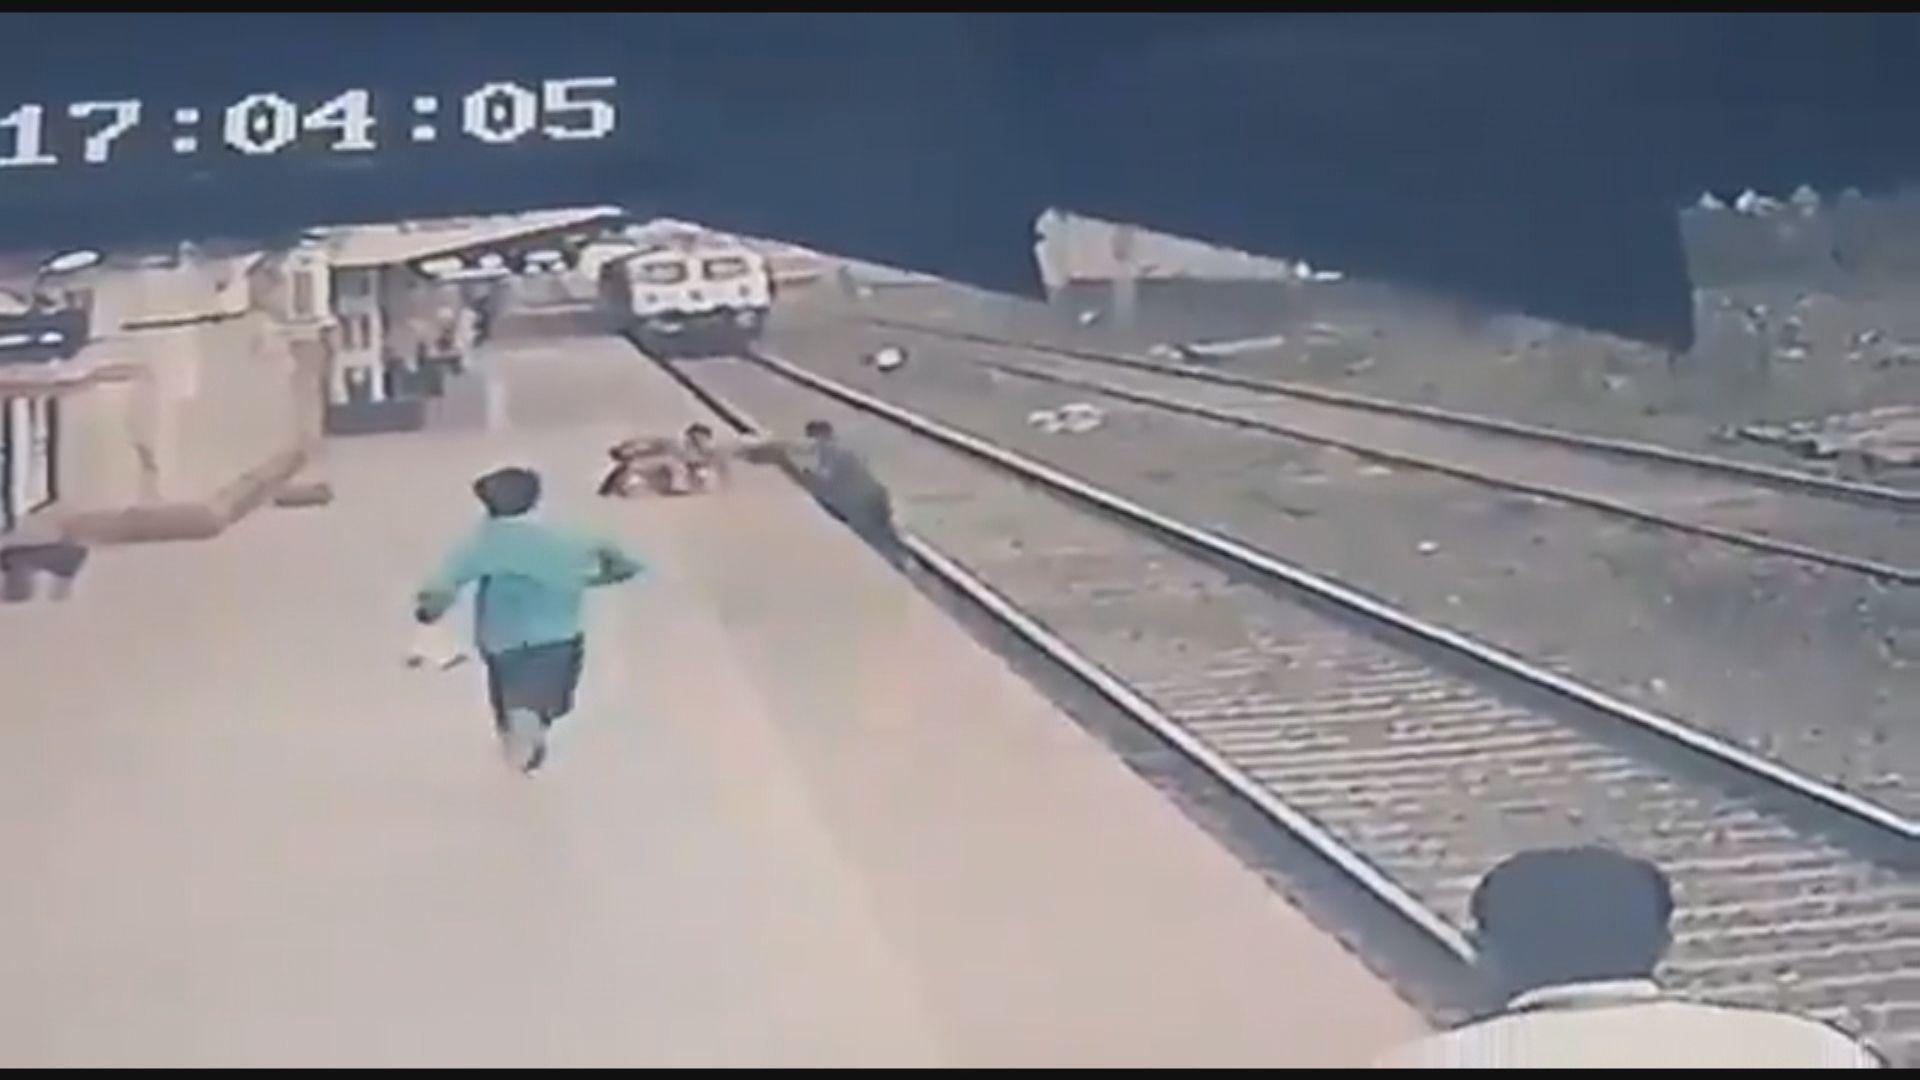 【環球薈報】印度車站工人驚險救墮軌小童獲鐵路部嘉許